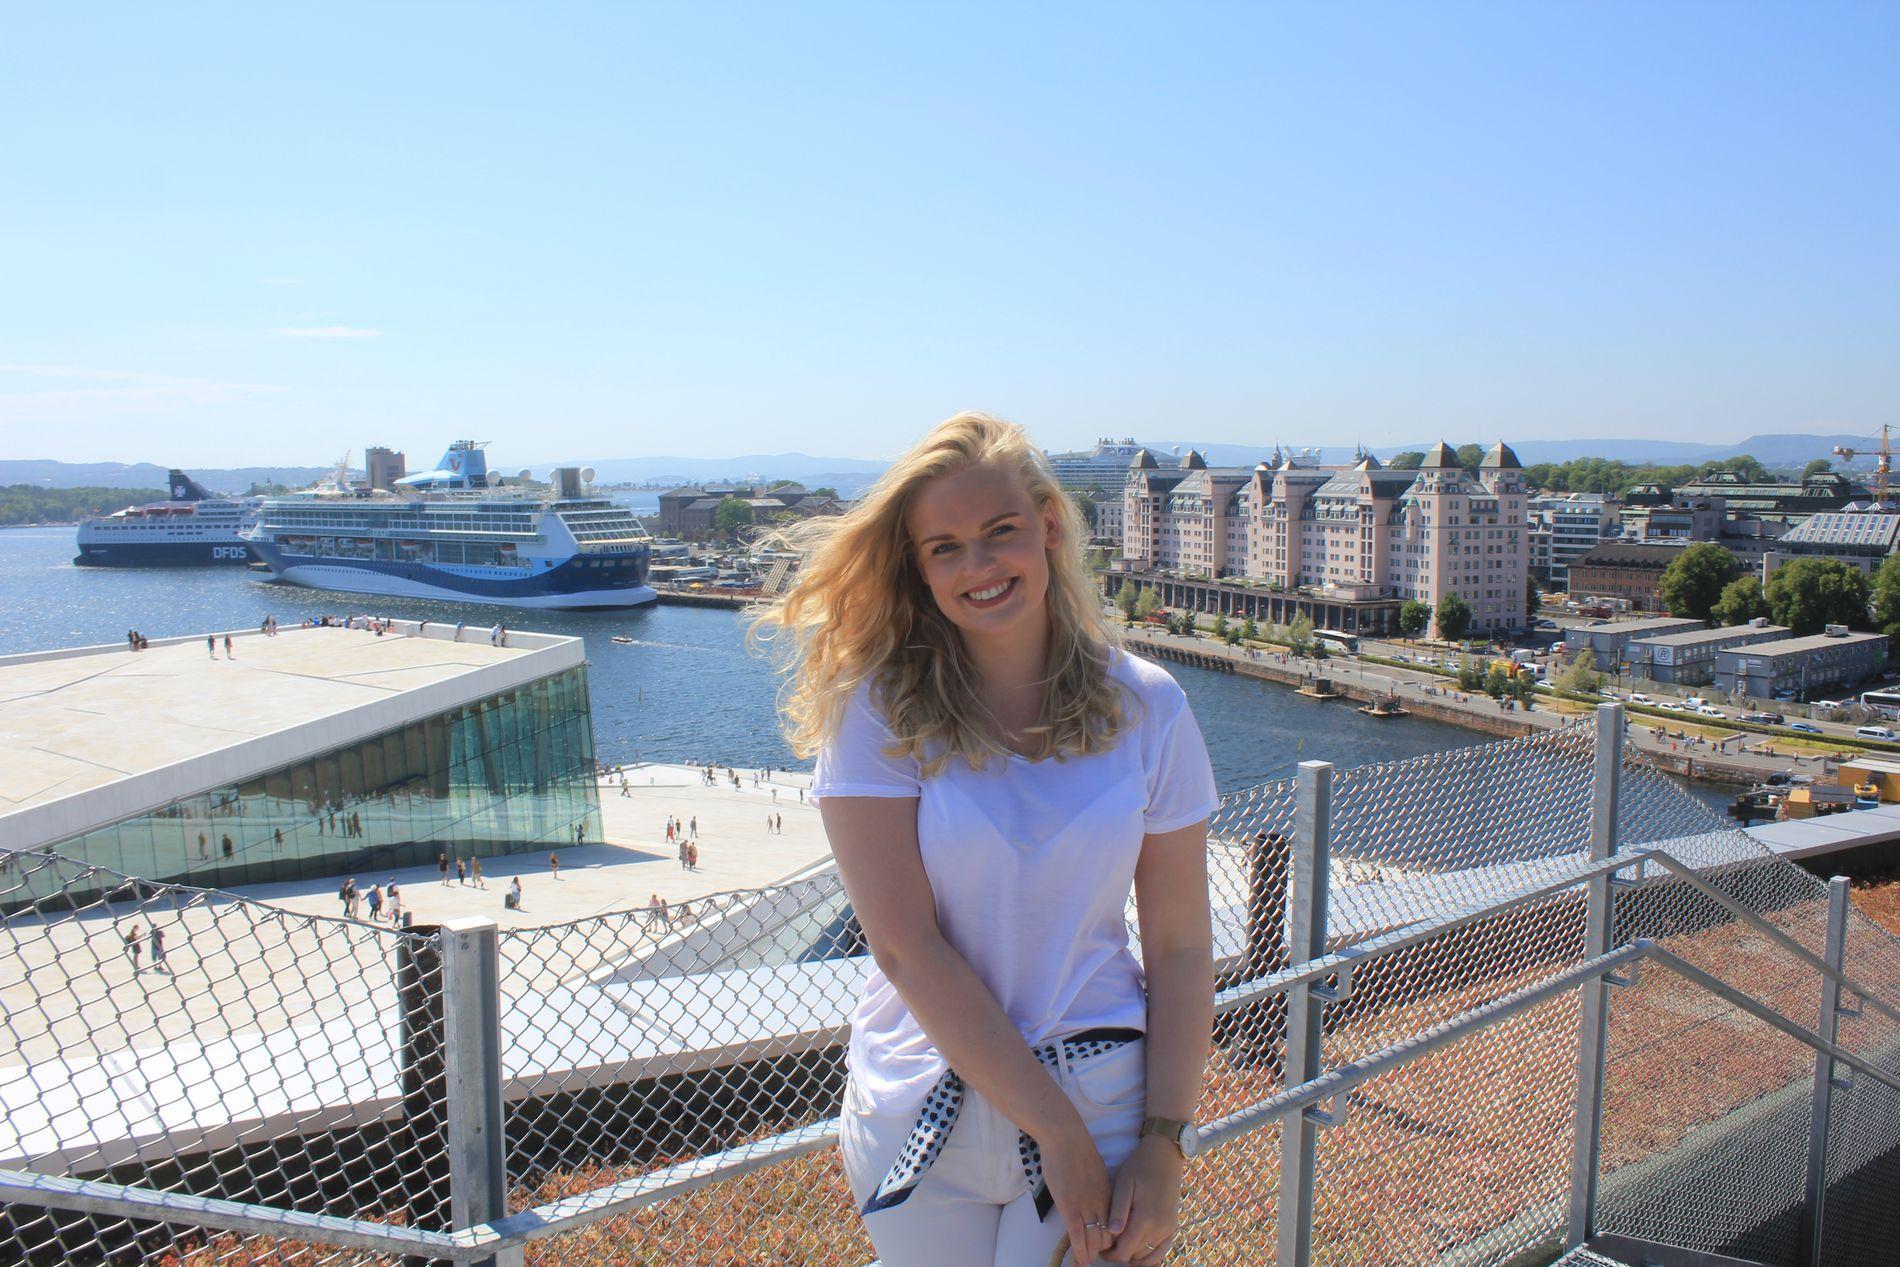 NY BOLIG: Studenten Amalie Hauge Pedersen (22) flytter til Bjørvika til skolestart i august - og får takterrasse med utsikt over Operaen med i leia.